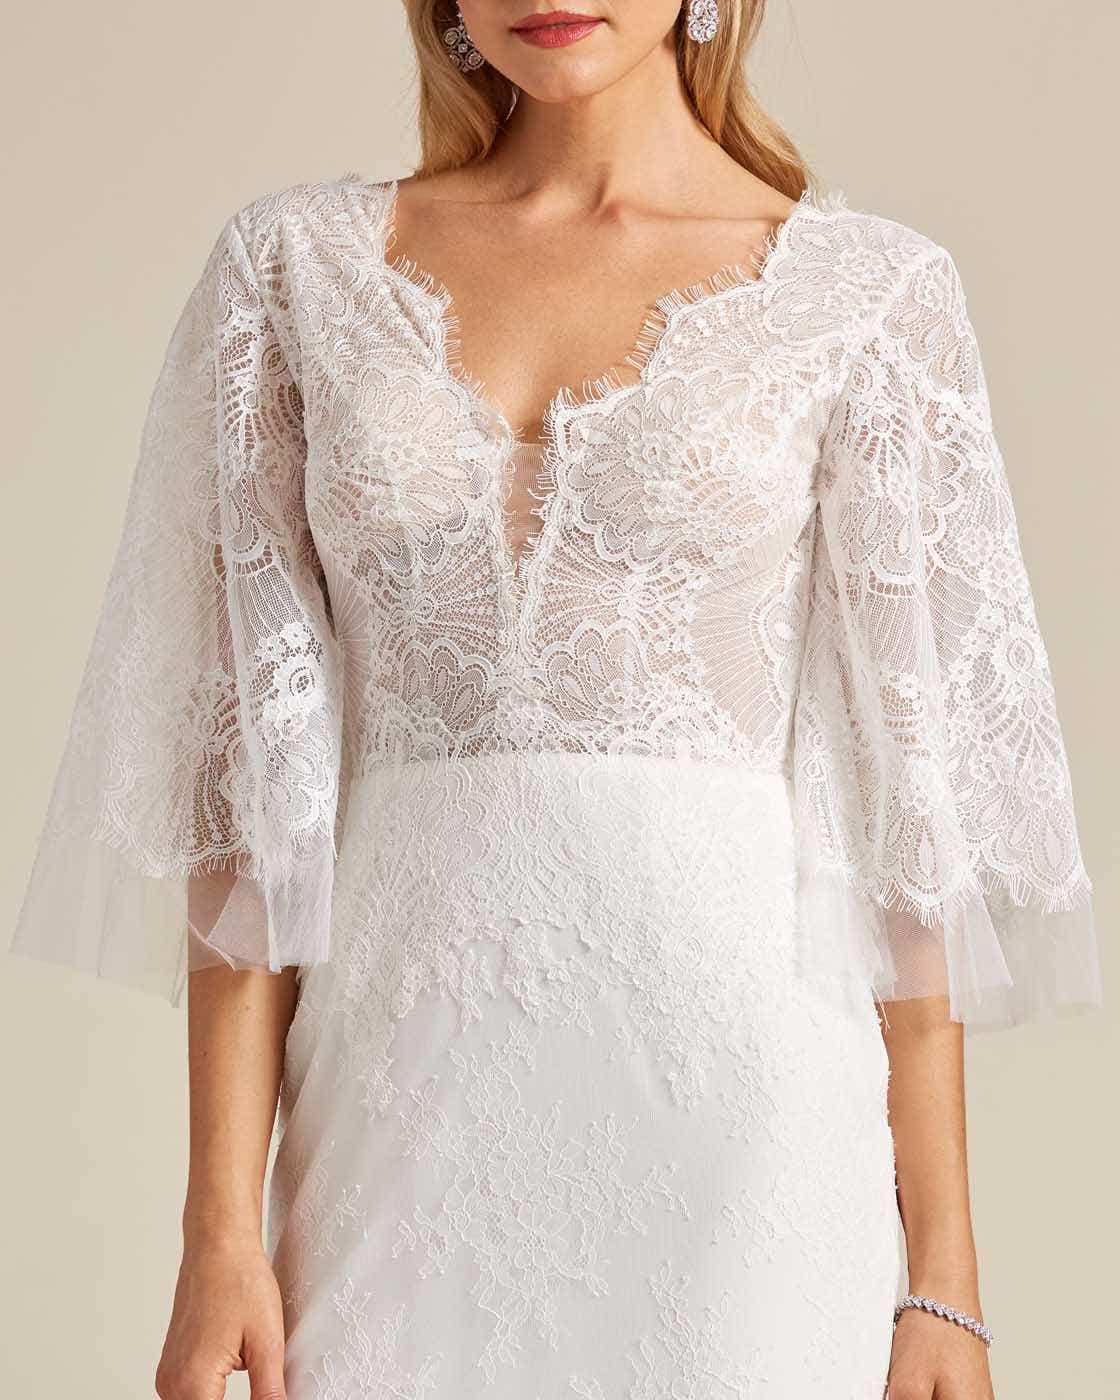 White Bell Sleeves Fishtail Wedding Dress - Detail